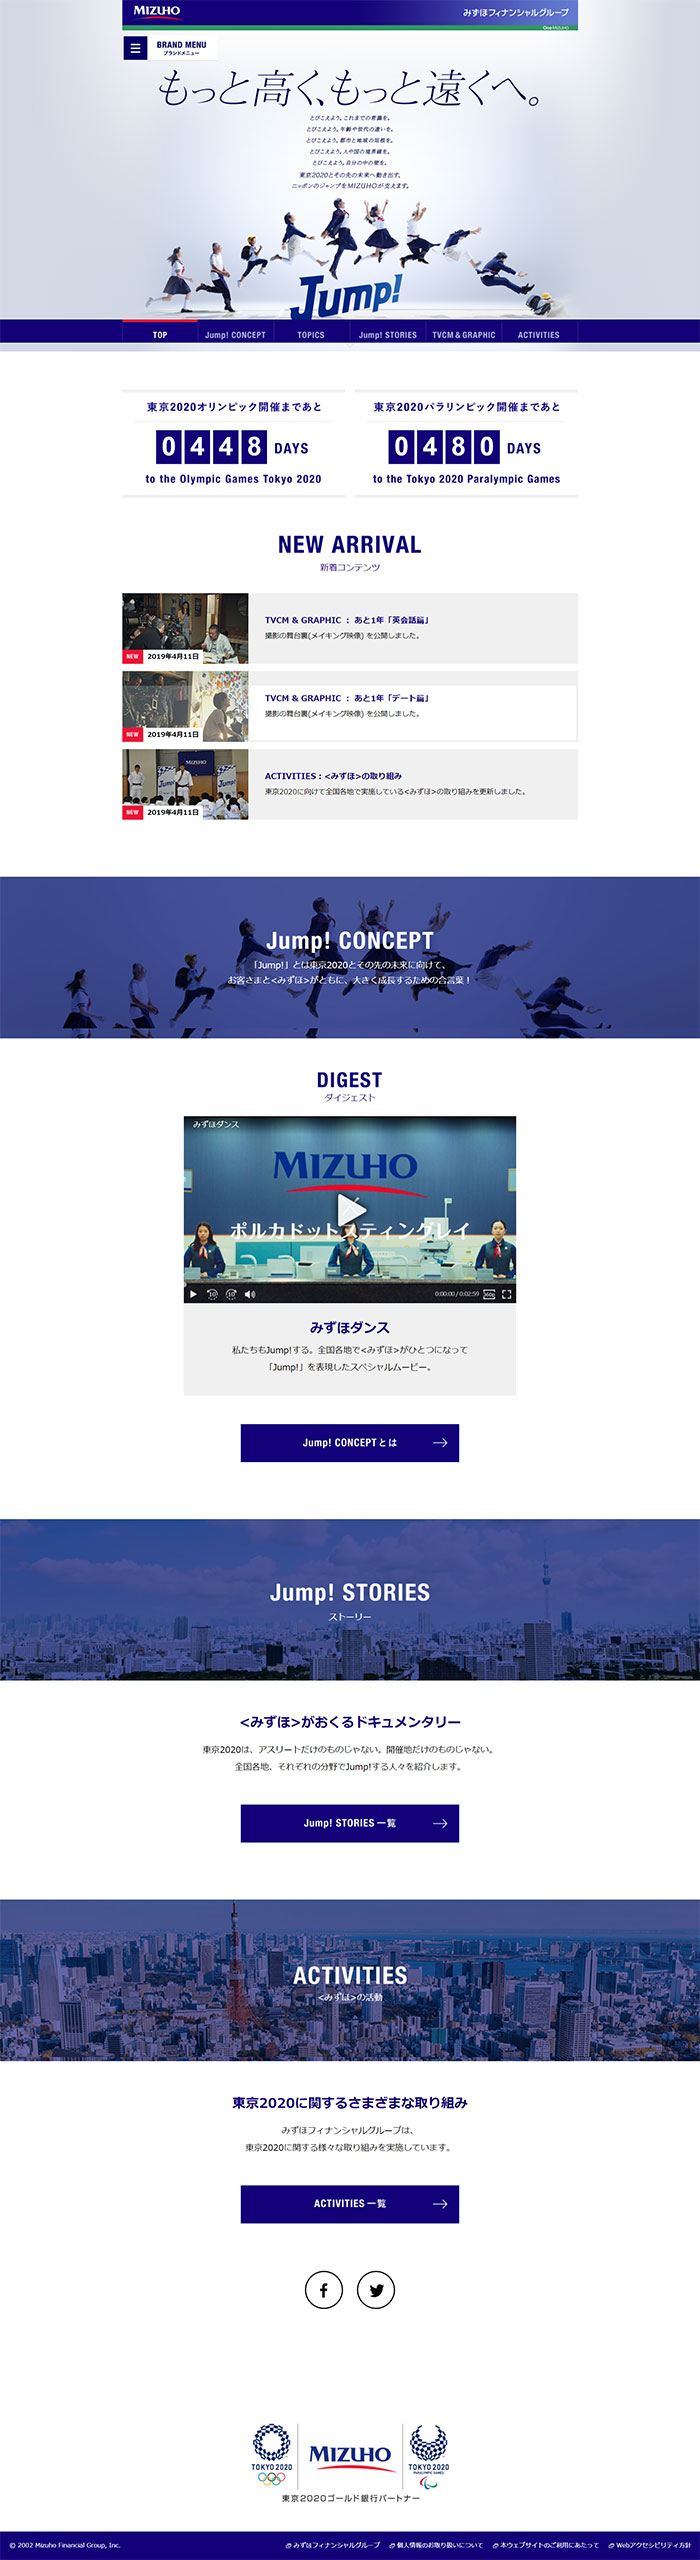 みずほFG : <みずほ>東京2020特設サイト